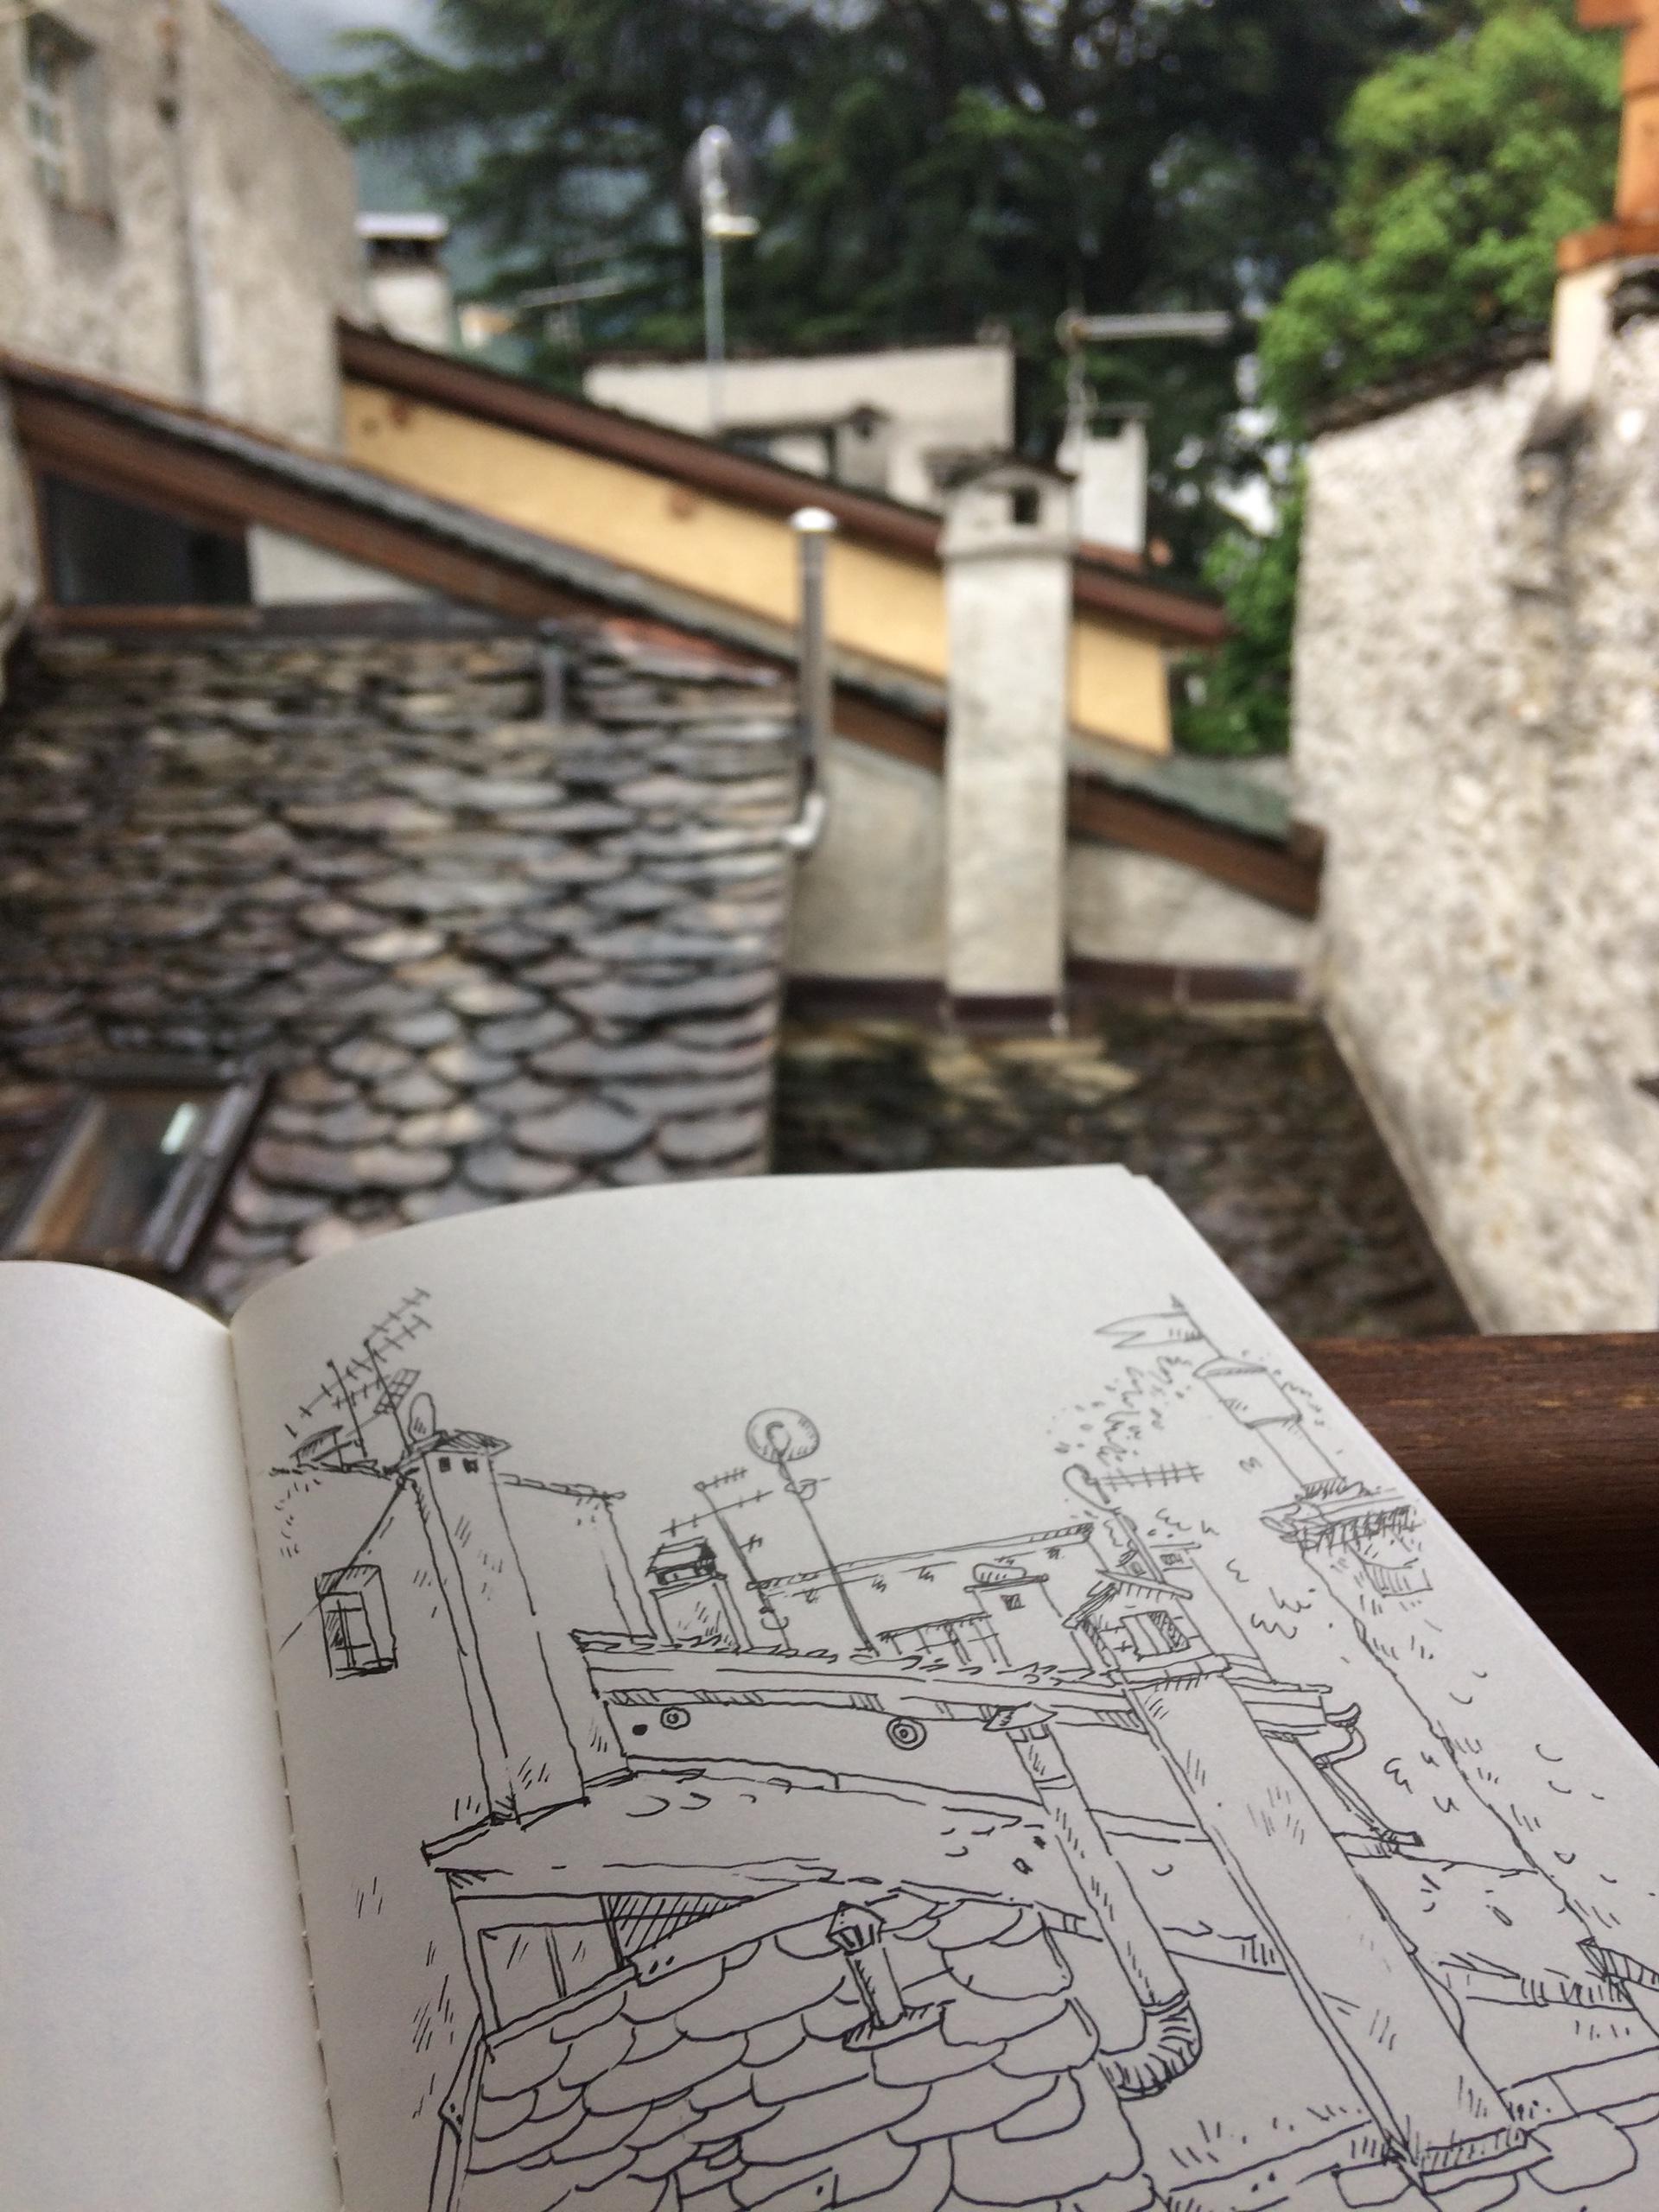 Chiavenna (Italija). Asmeninio archyvo nuotr.